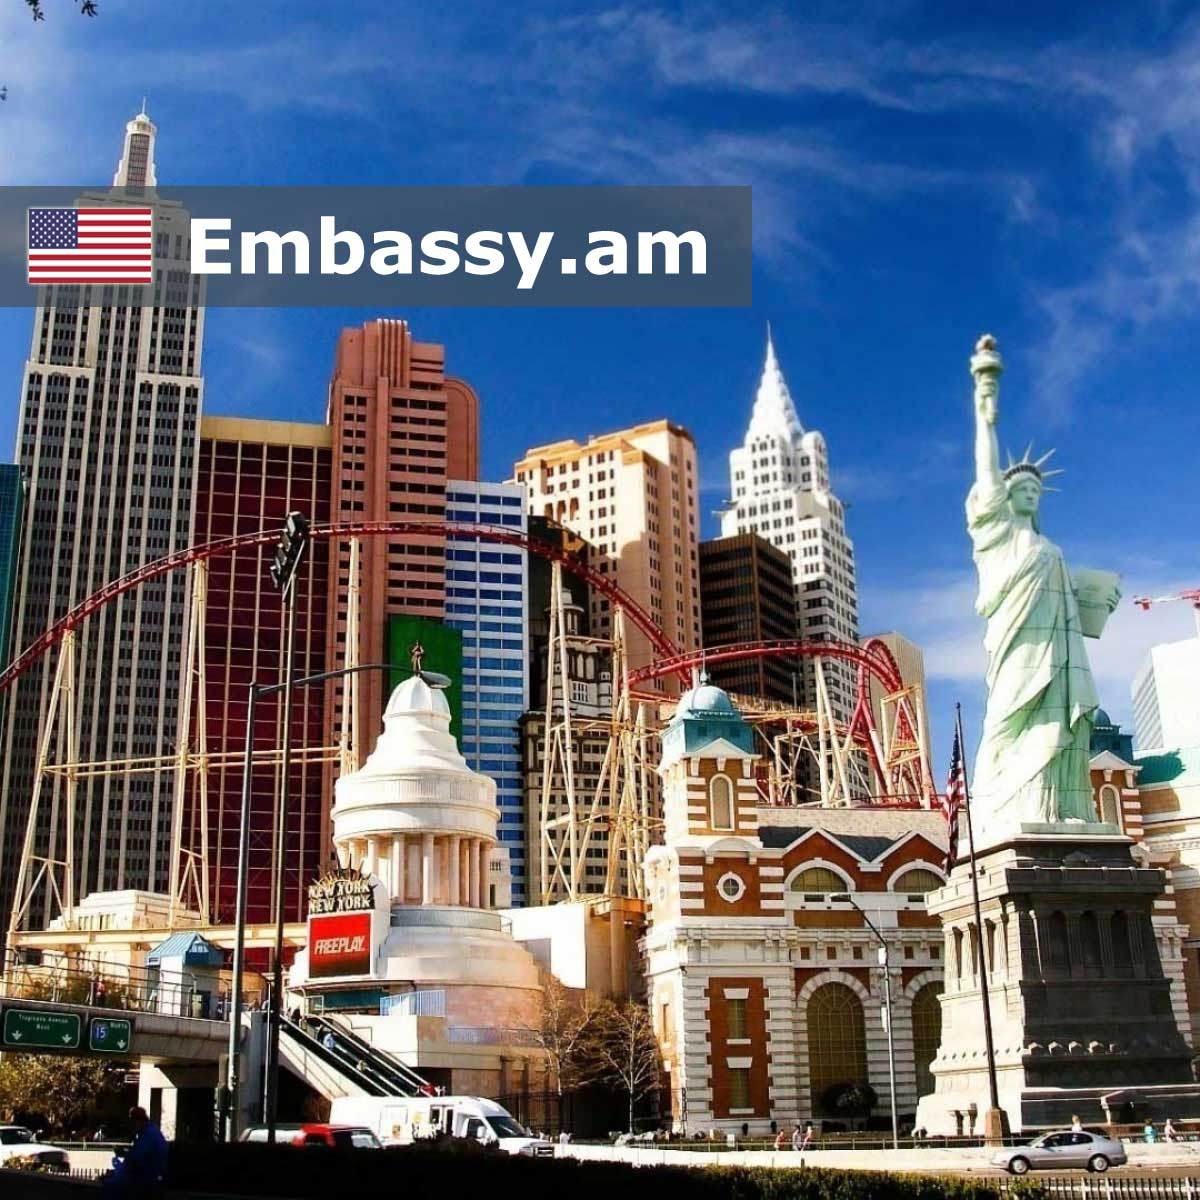 Лас-Вегас - Отели в США - Embassy.am